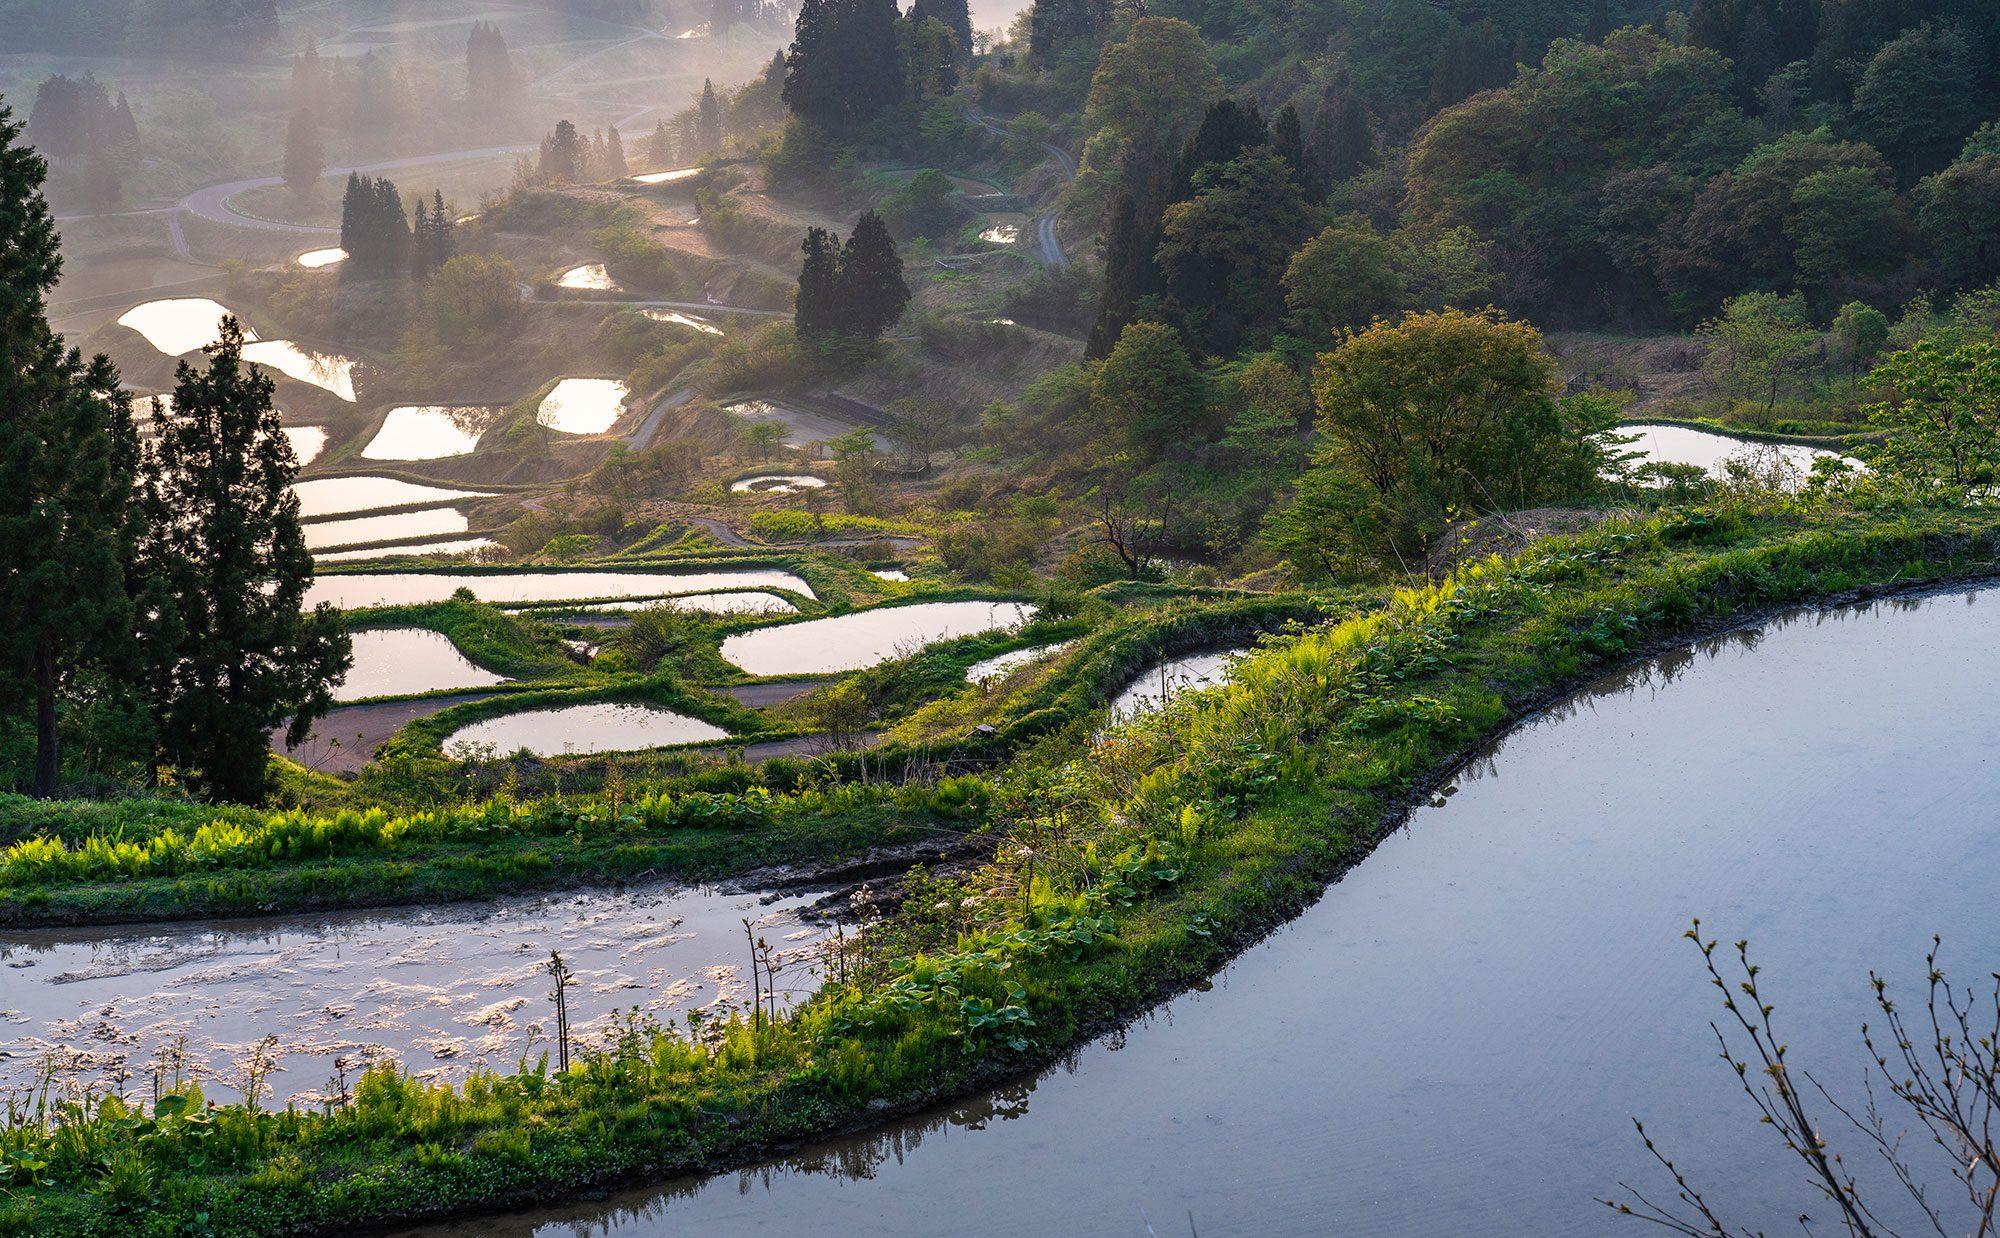 日本の絶景がすぐそこに! 旅に出なくても美しい景色に出会える暮らし